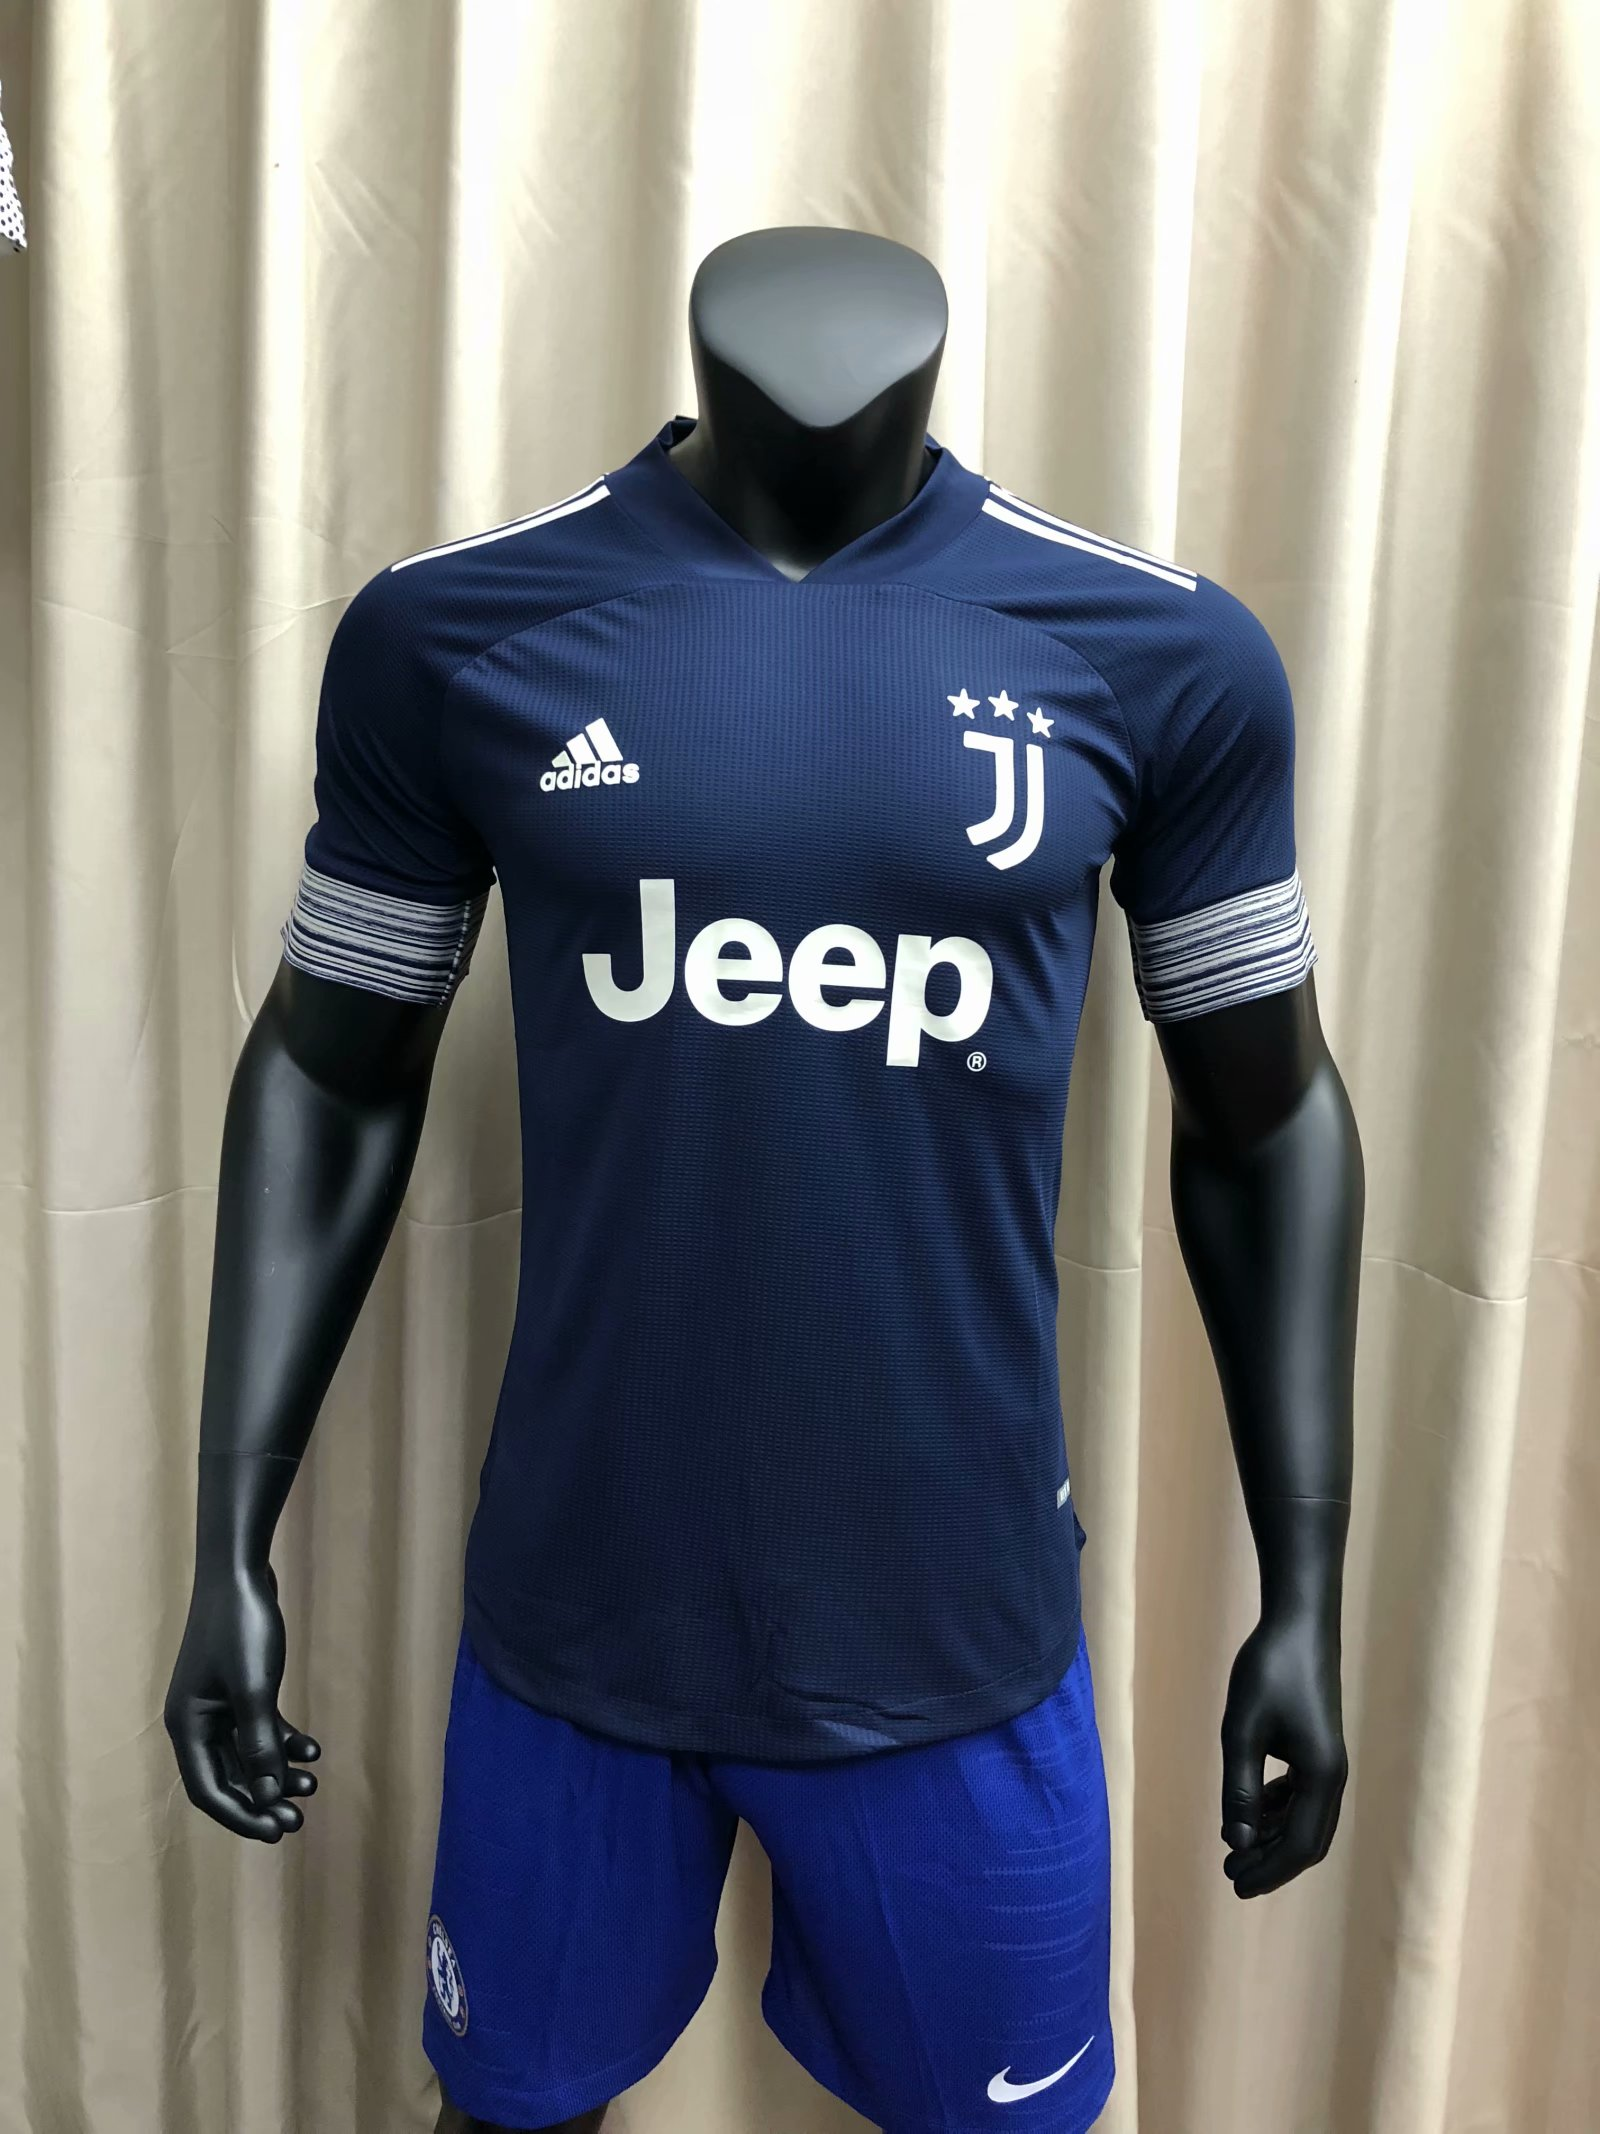 20-21-juventus-away-player-jersey-772.jpg